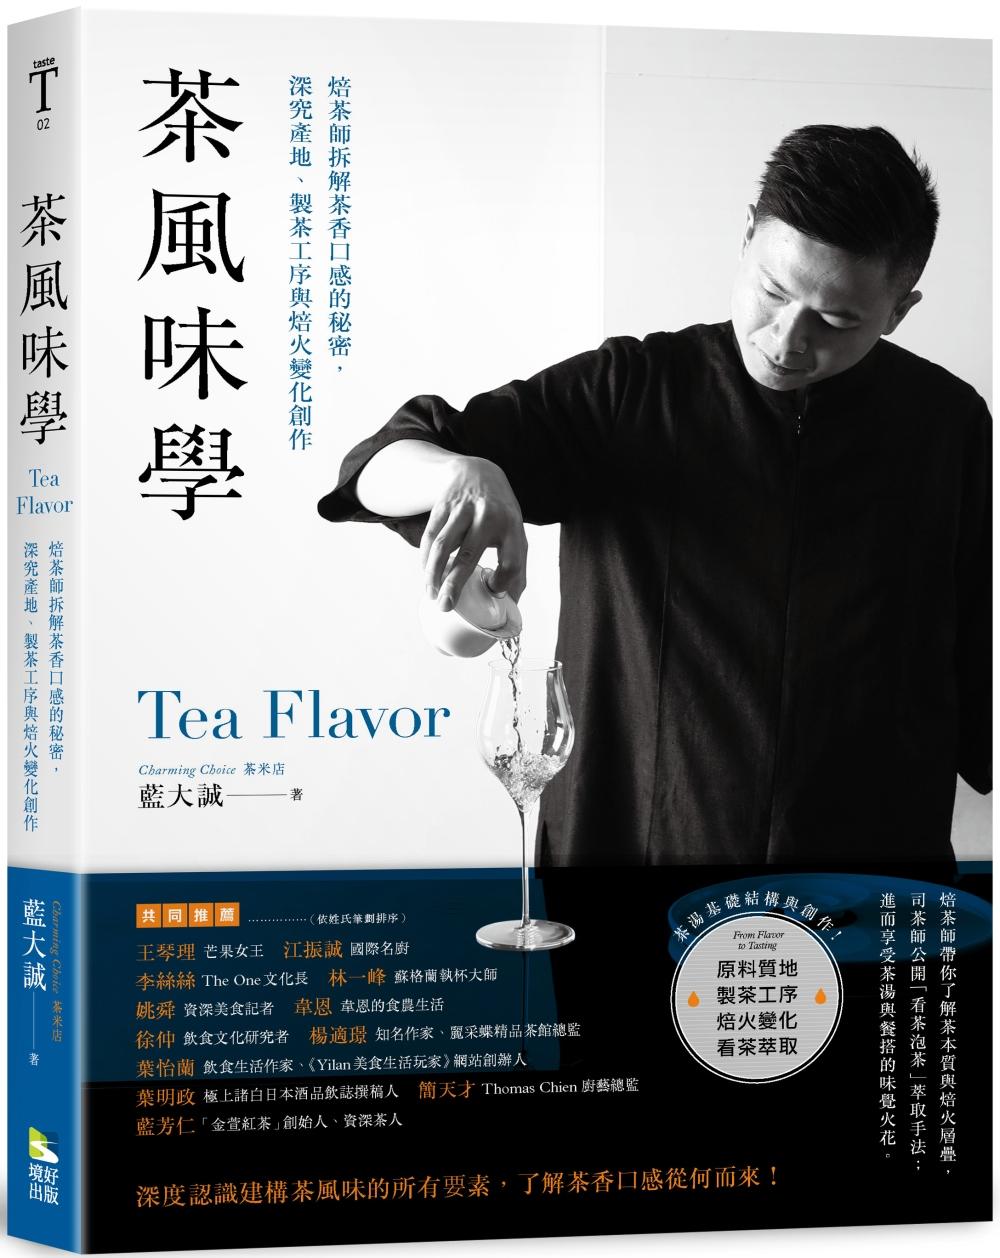 茶風味學:焙茶師拆解茶香口感的...